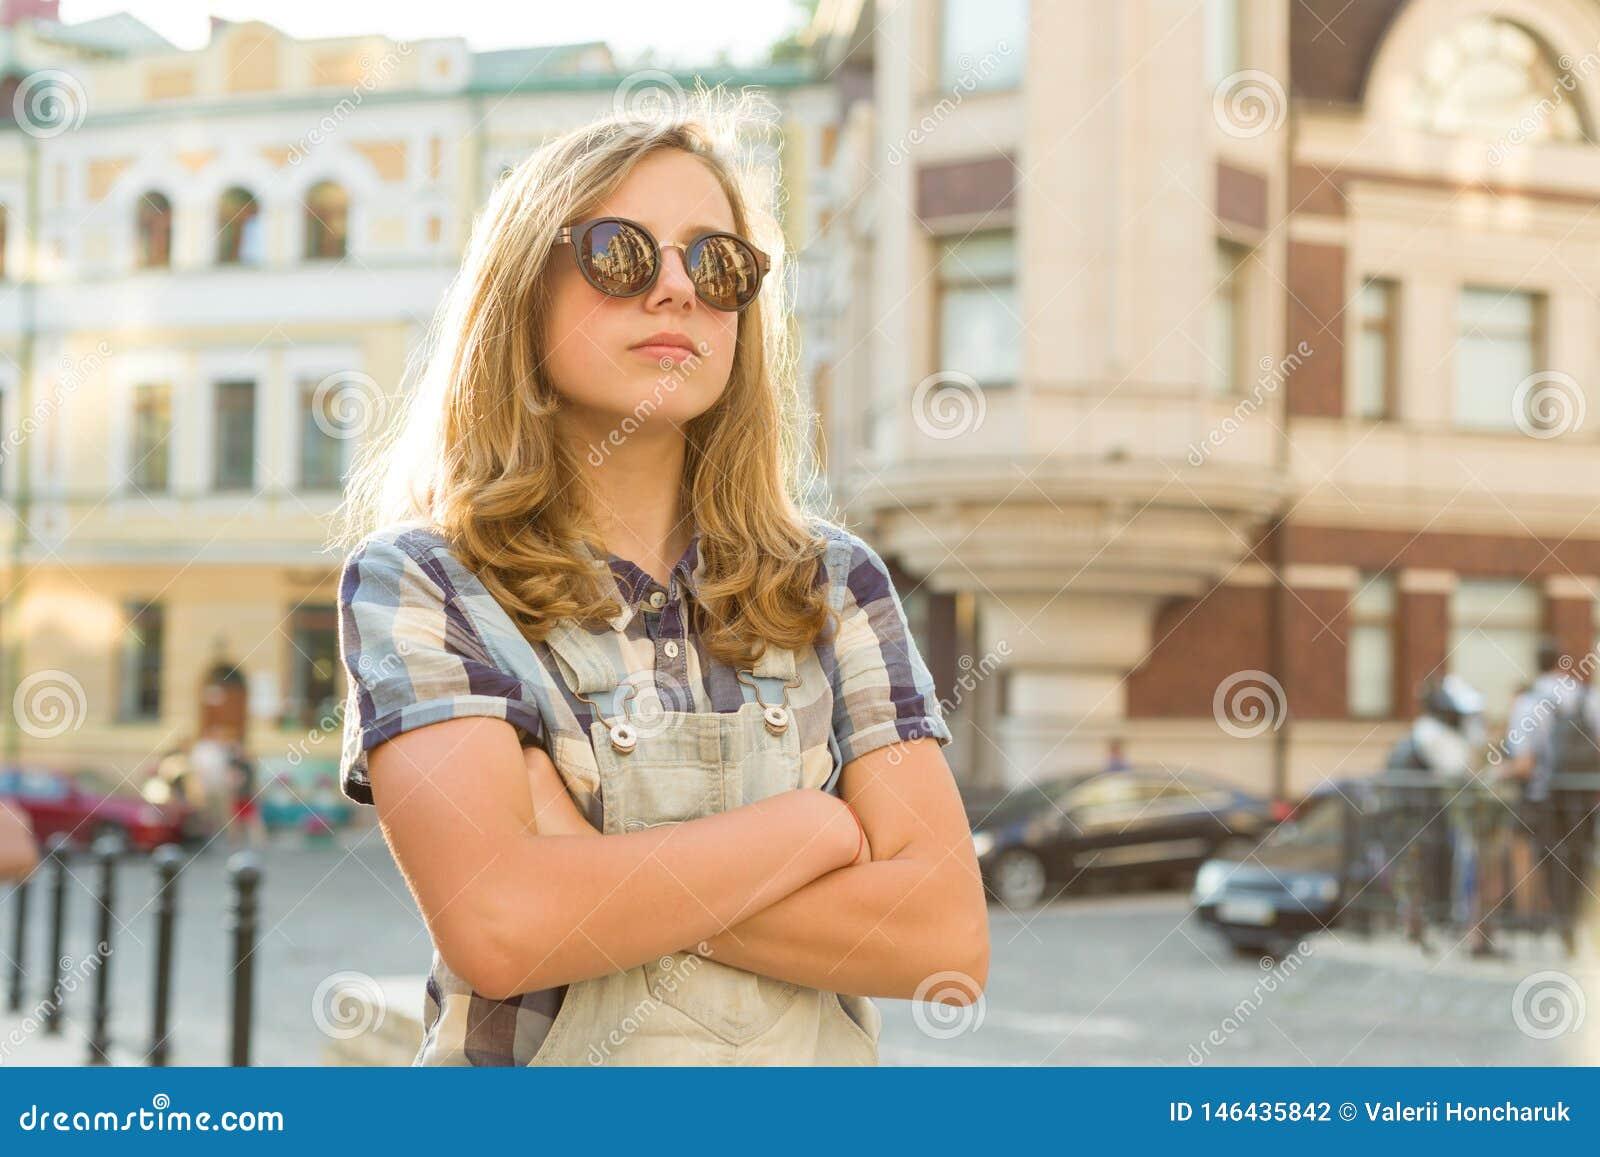 Stående av den ledsna olyckliga tonåriga flickan med vikta händer på stadsgatan, kopieringsutrymme